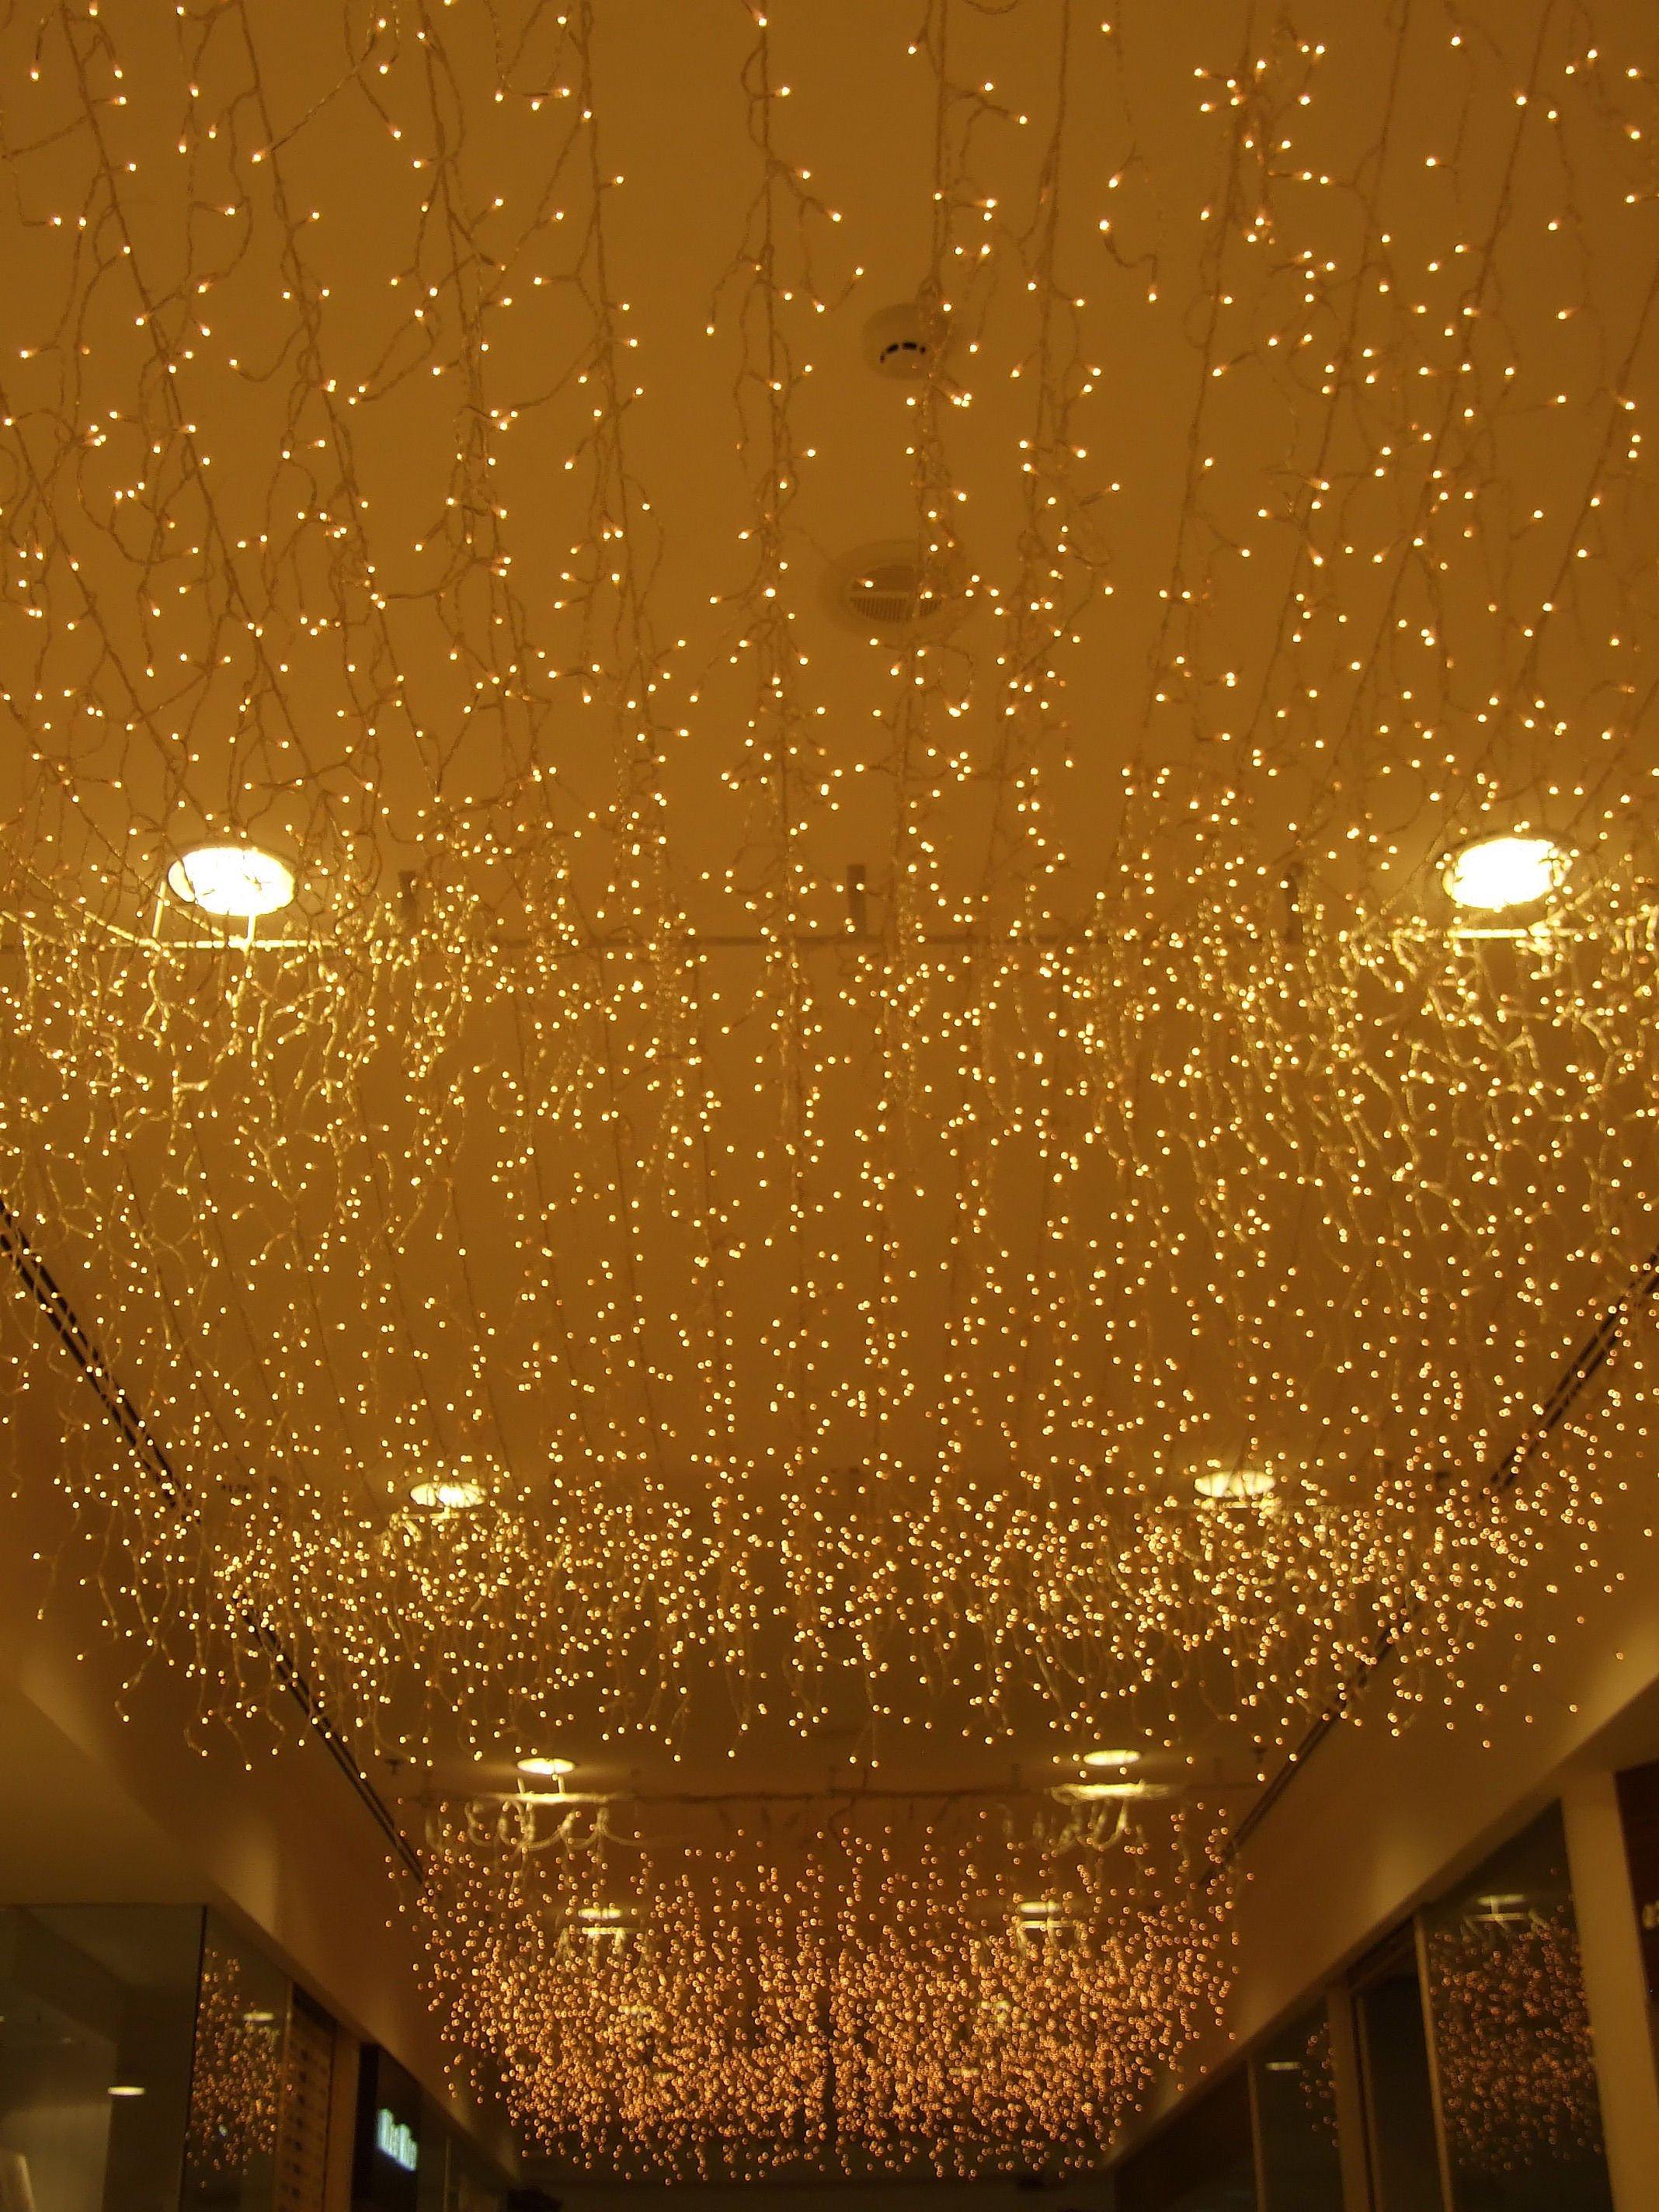 Fairy Light Ceiling: fairy light ceiling photo - 4,Lighting